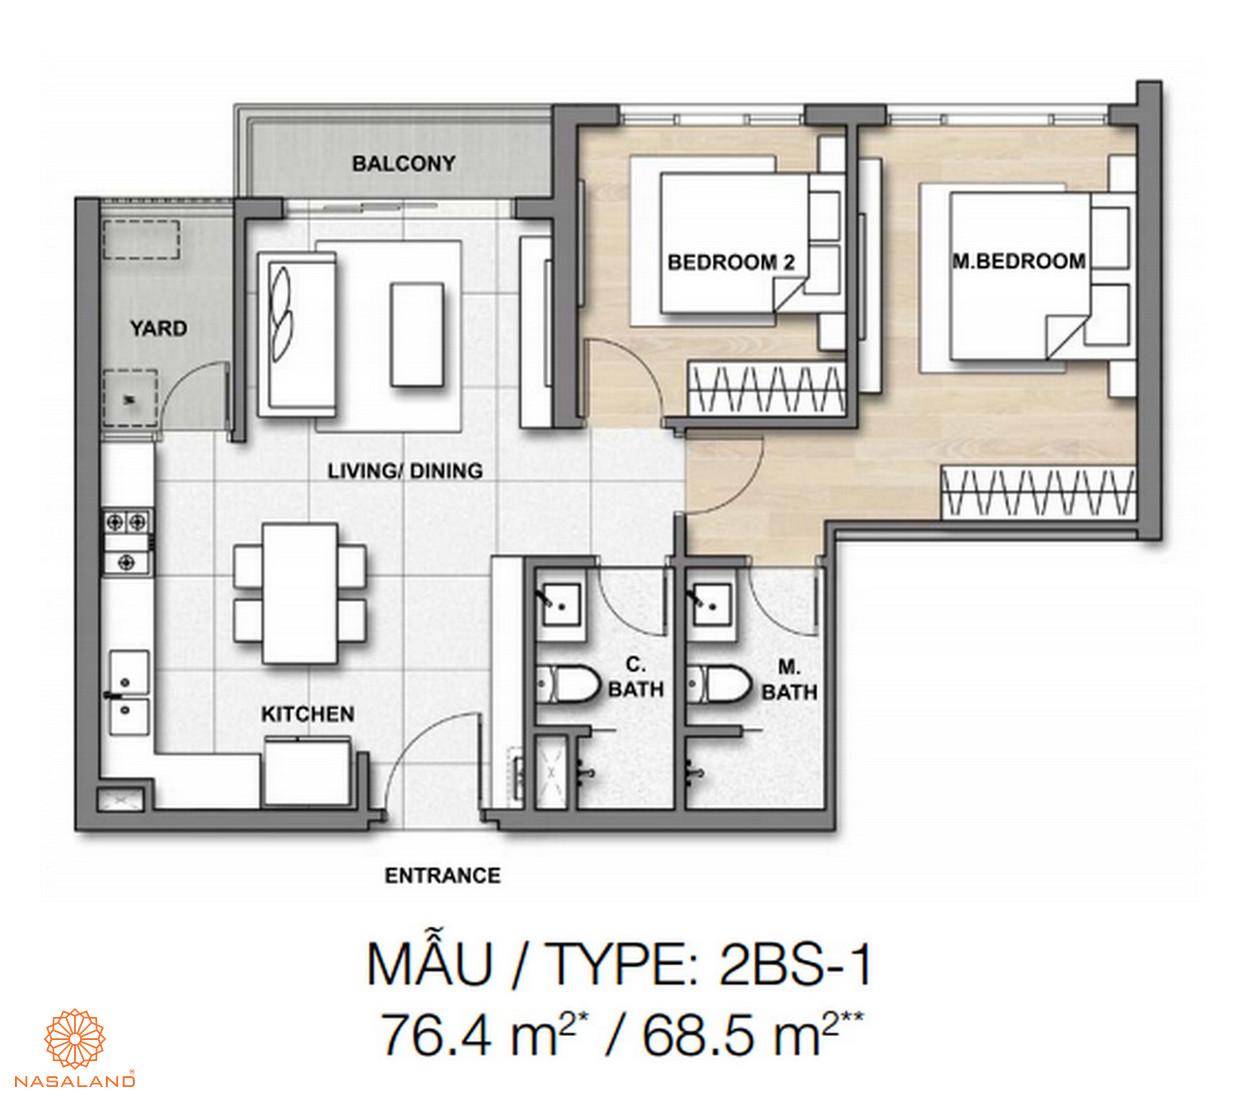 Mẫu thiết kế căn hộ Palm Springs số 1